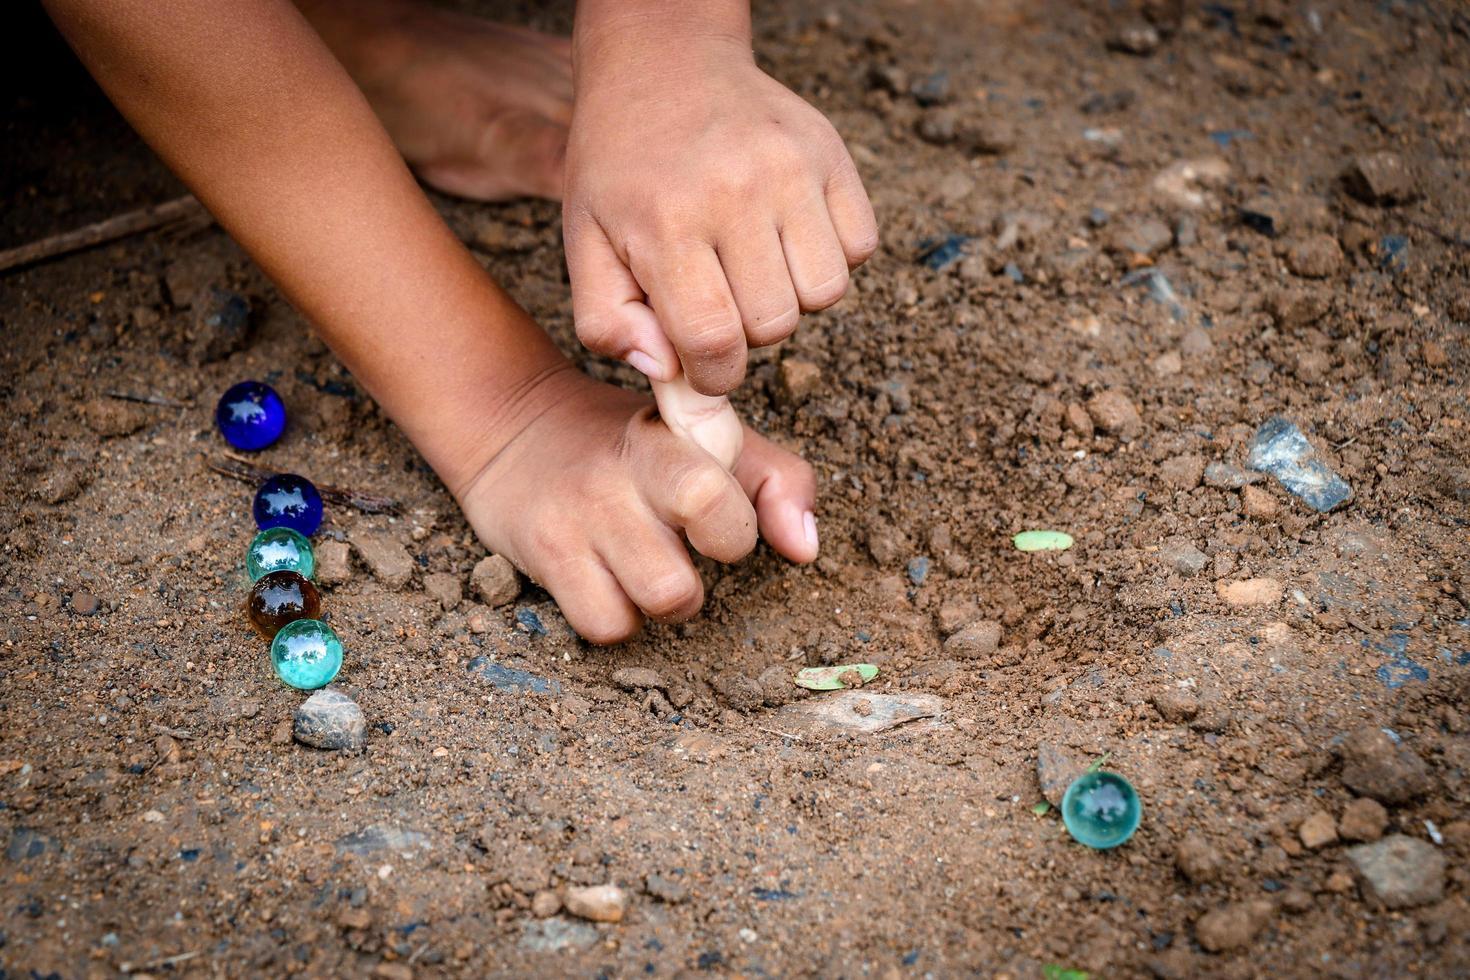 bambino che gioca a palline di vetro per terra foto